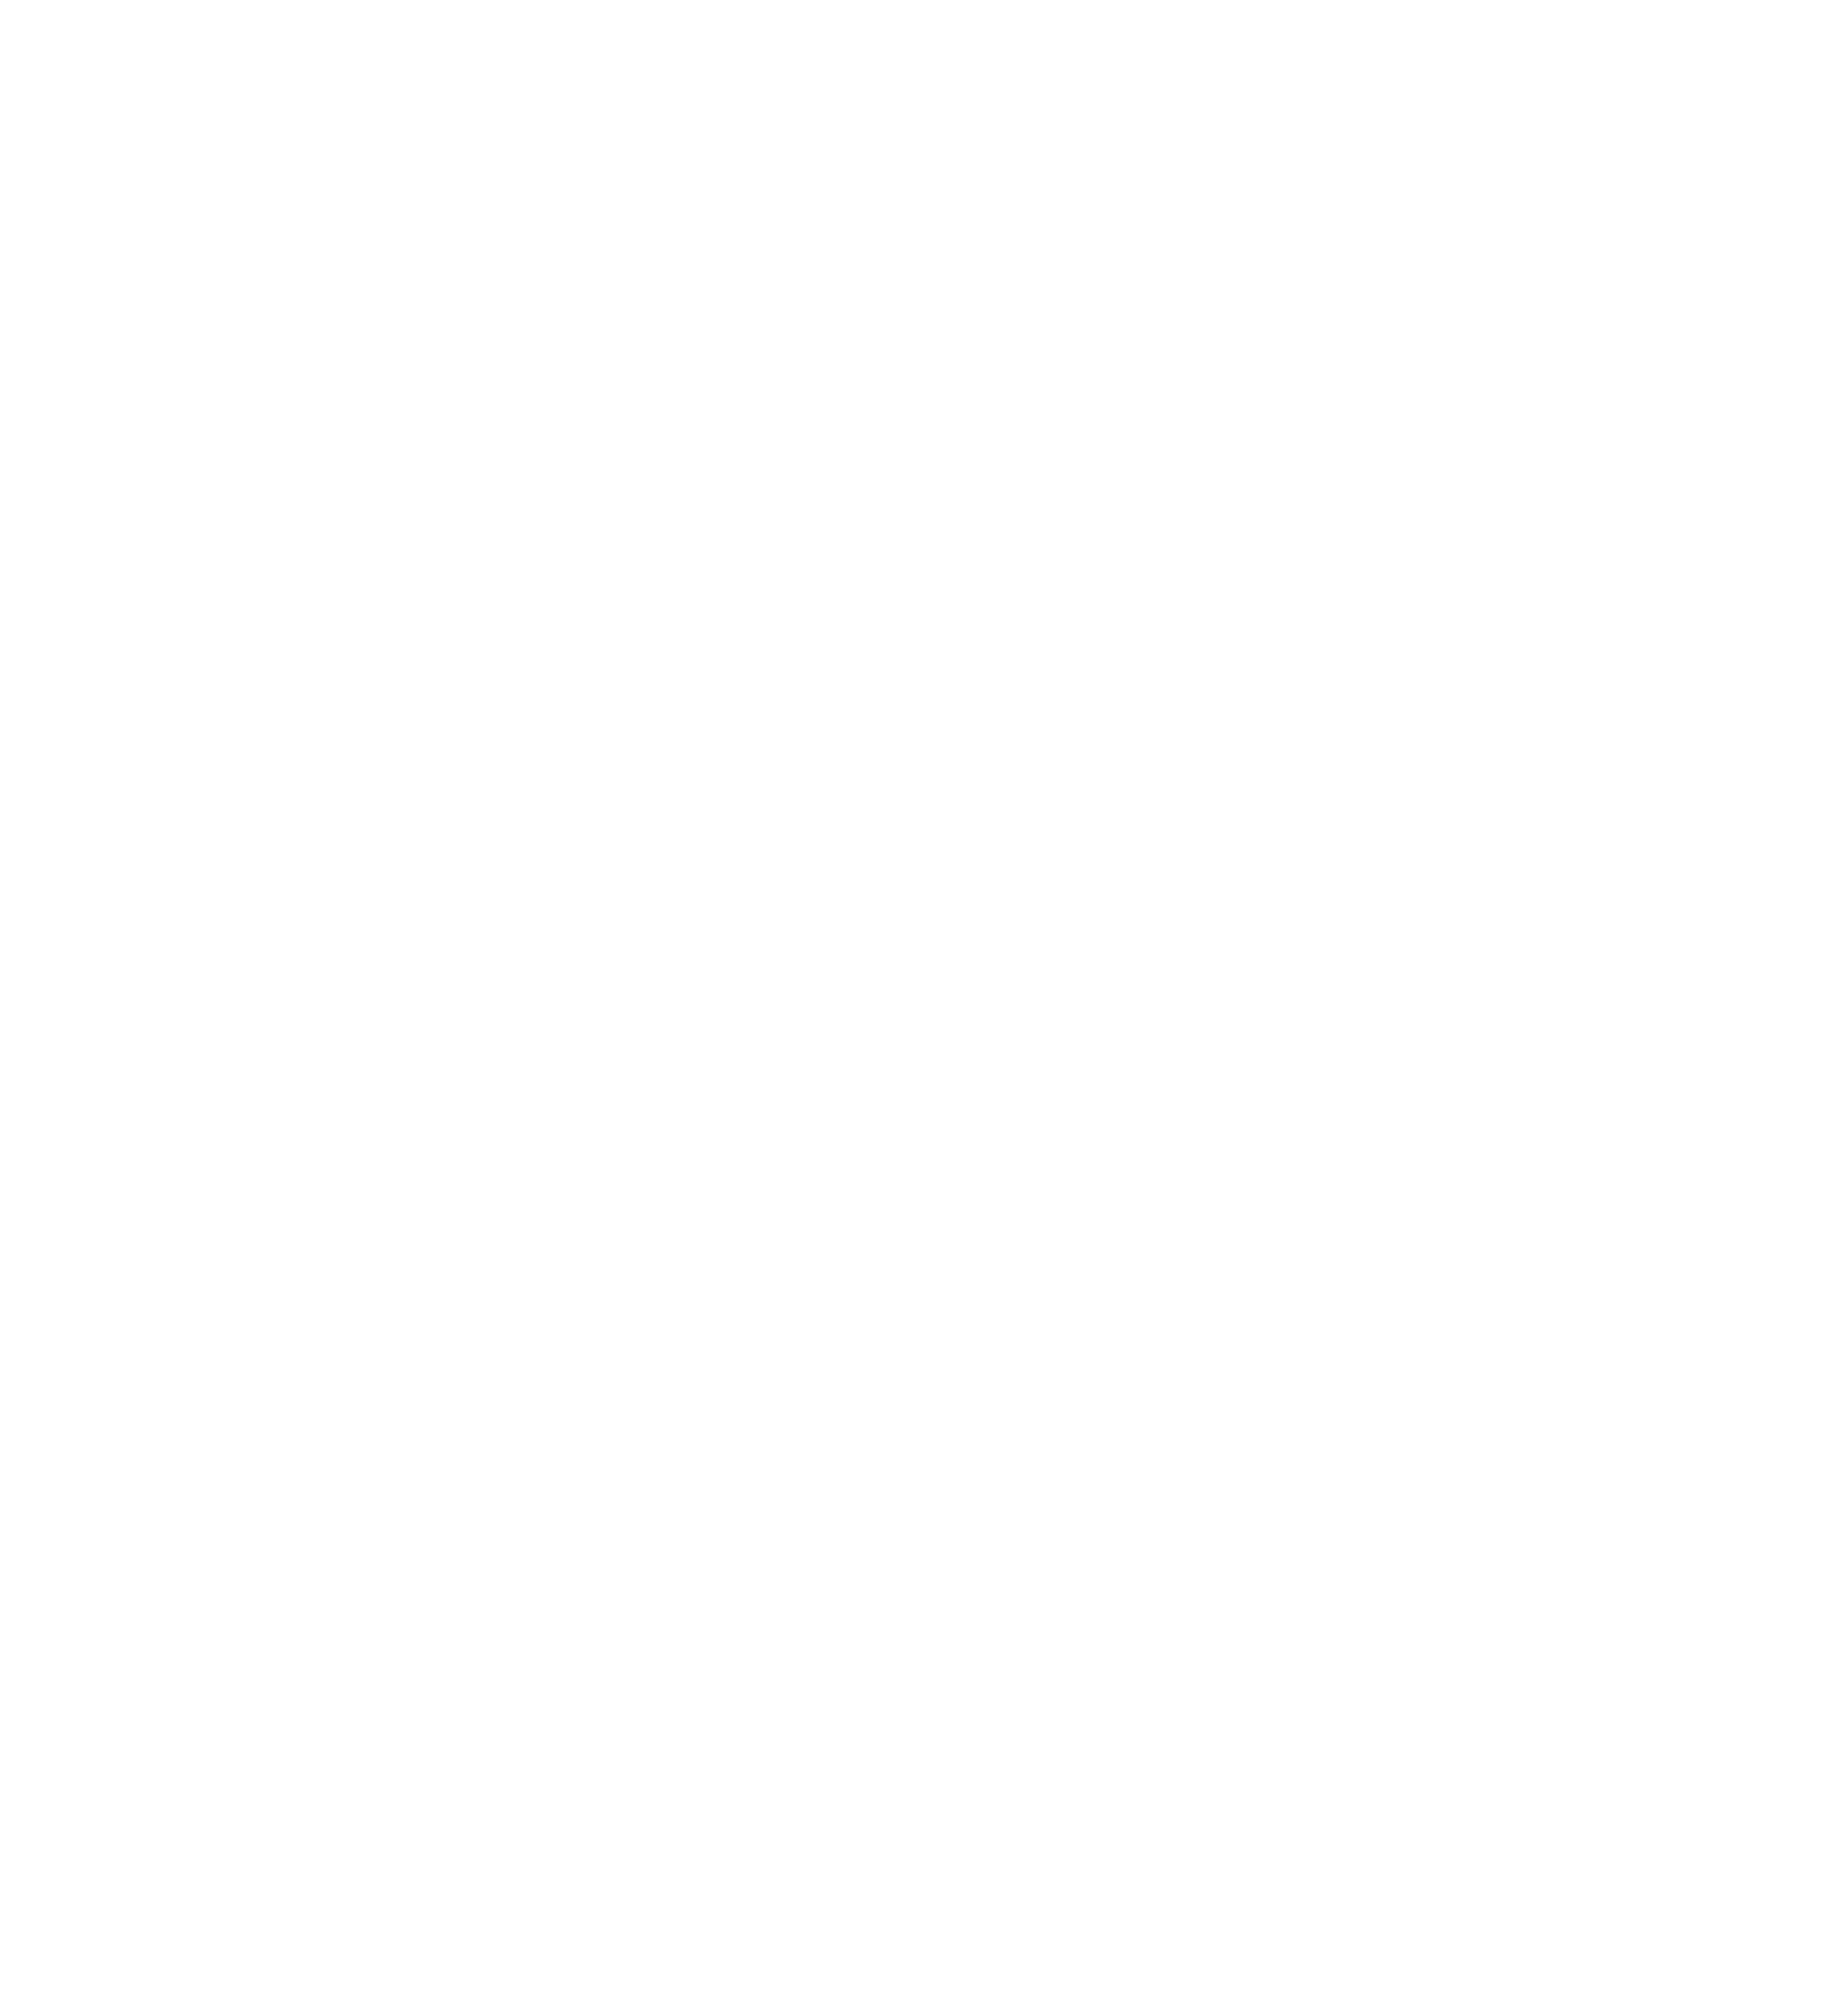 Asociación Colombiana de Criadores de Búfalos